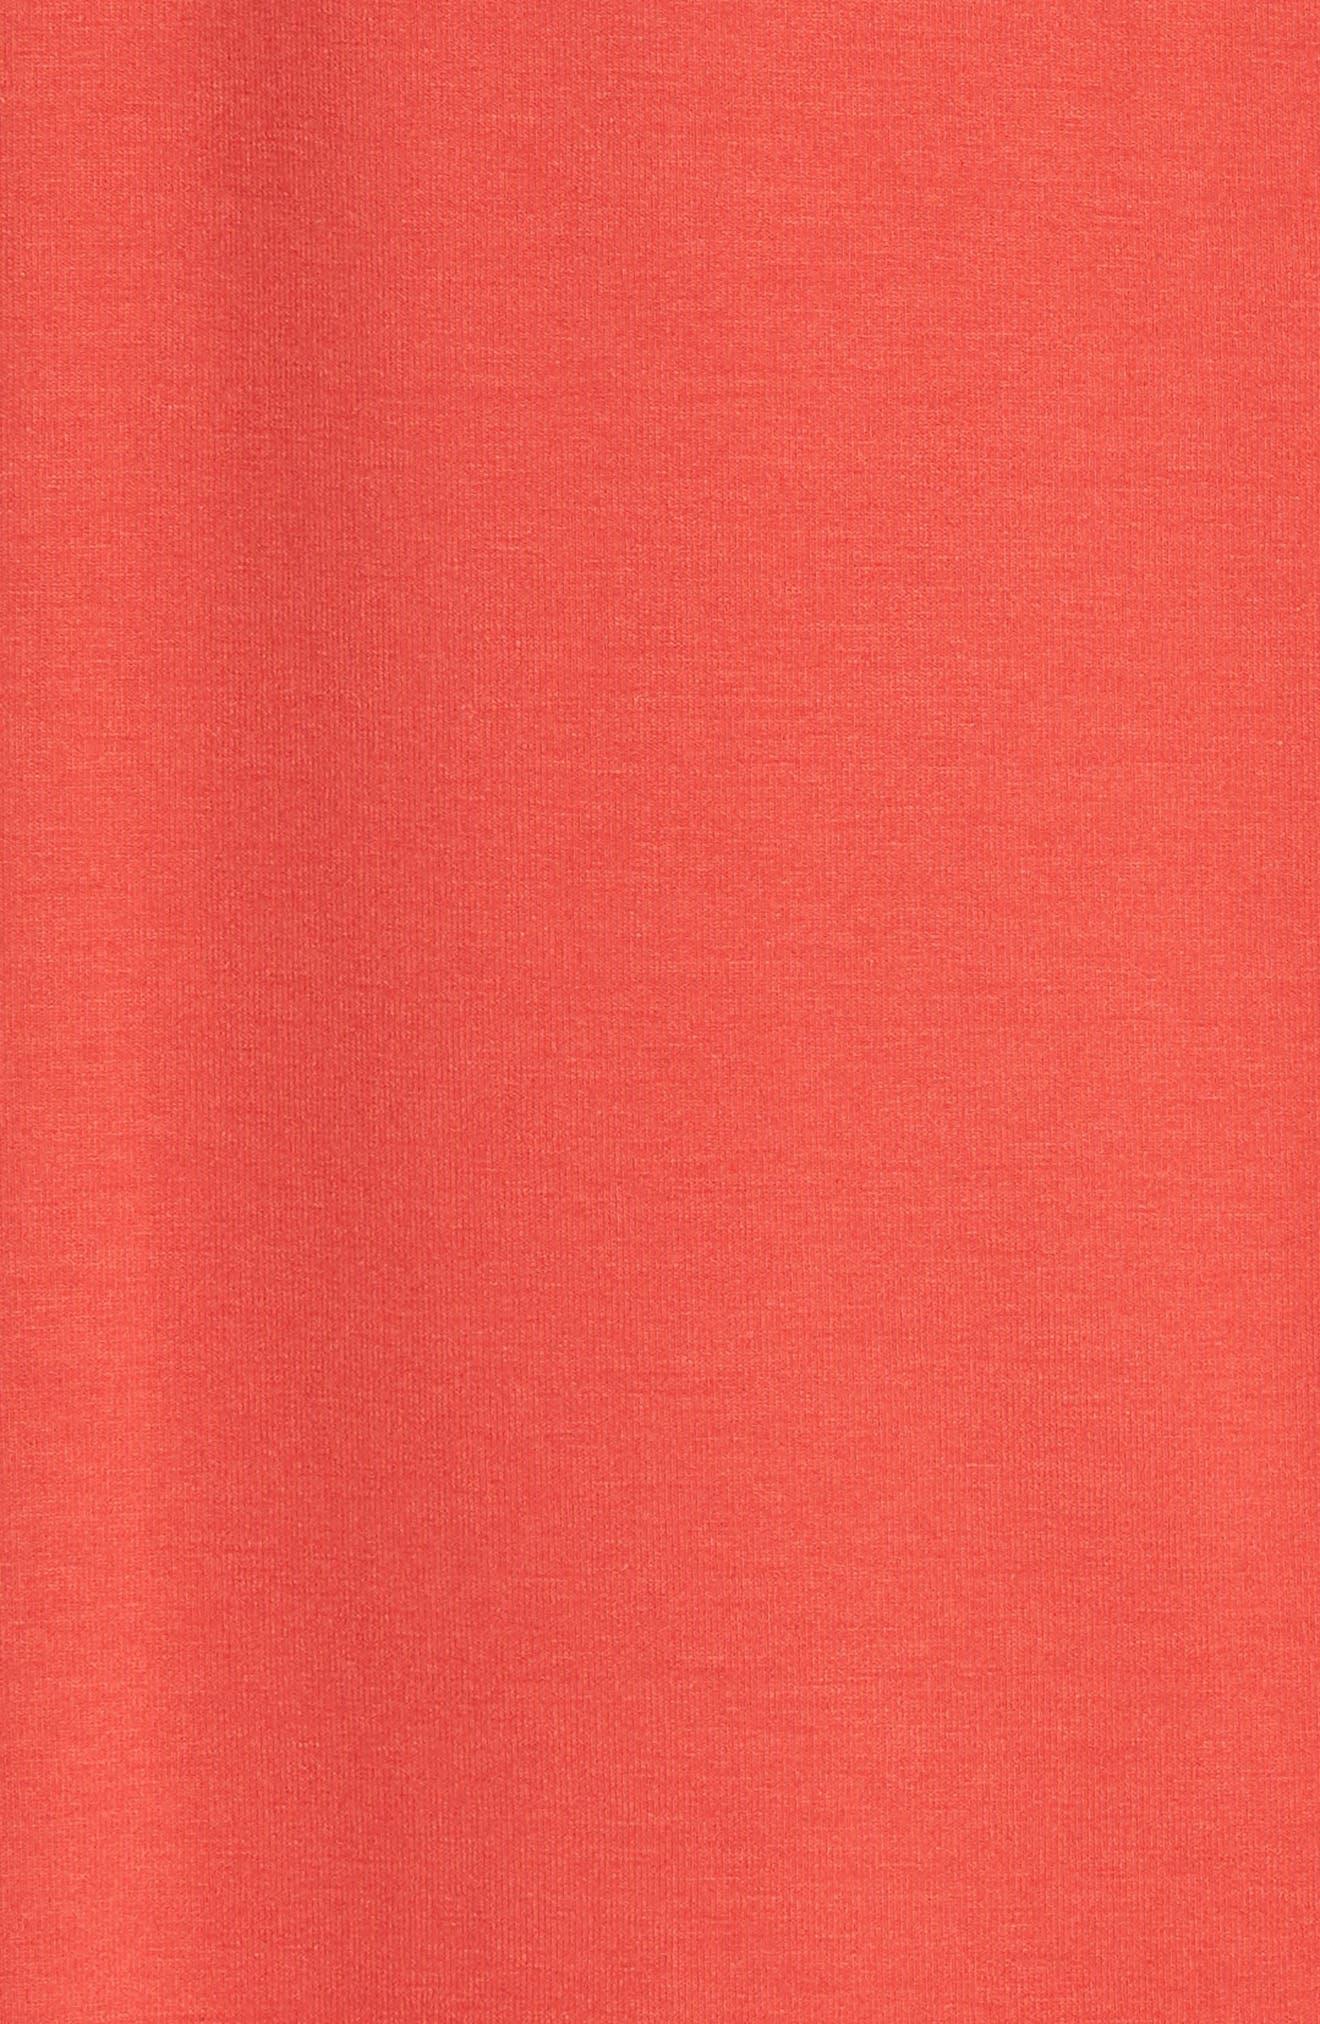 Lightweight Jersey Shift Dress,                             Alternate thumbnail 5, color,                             600